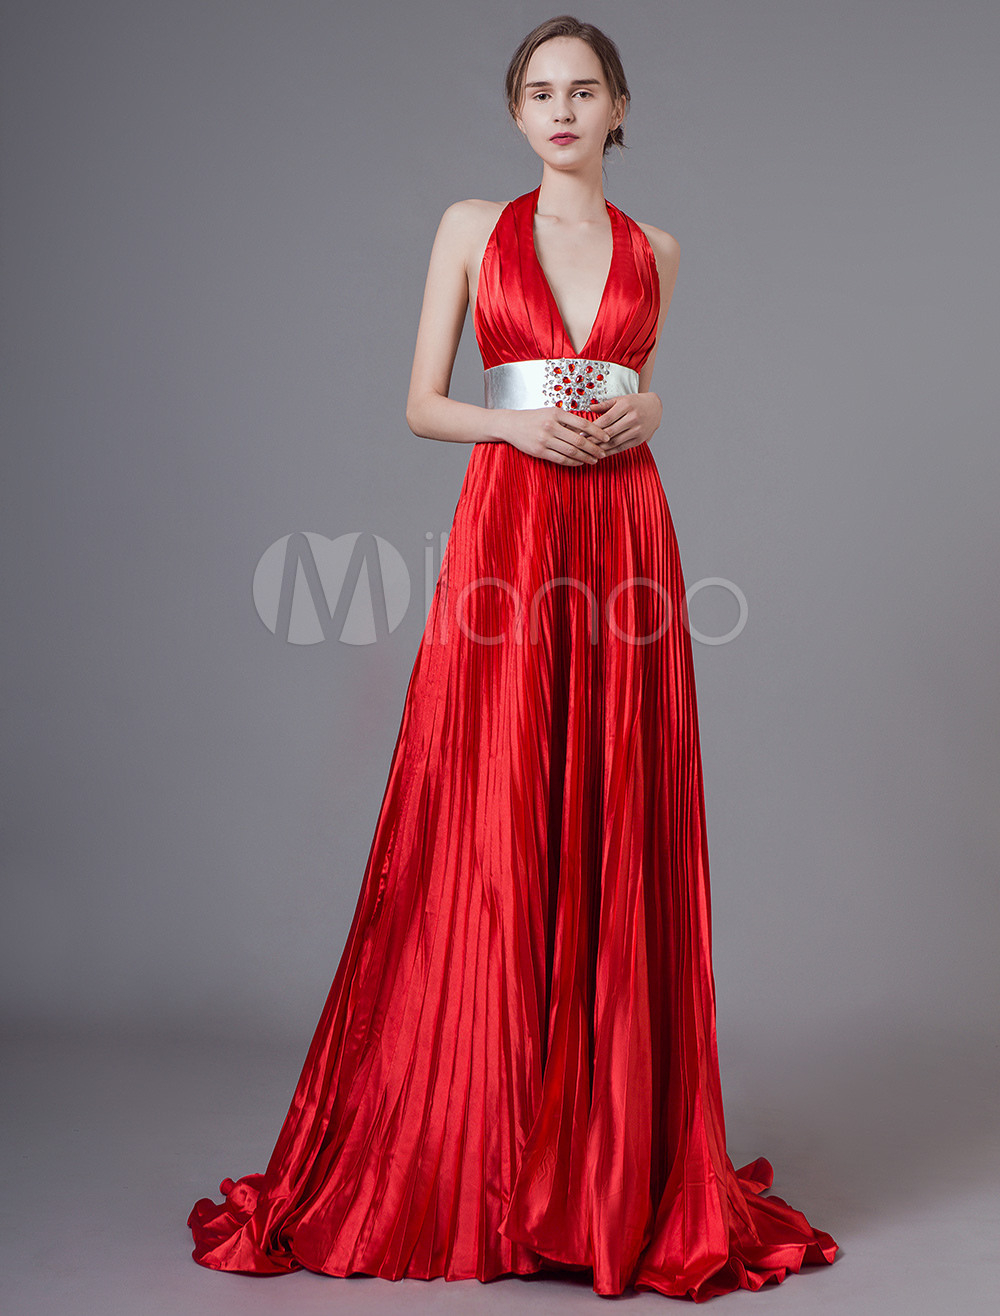 13 Einzigartig Rote Kleider Spezialgebiet Spektakulär Rote Kleider Vertrieb